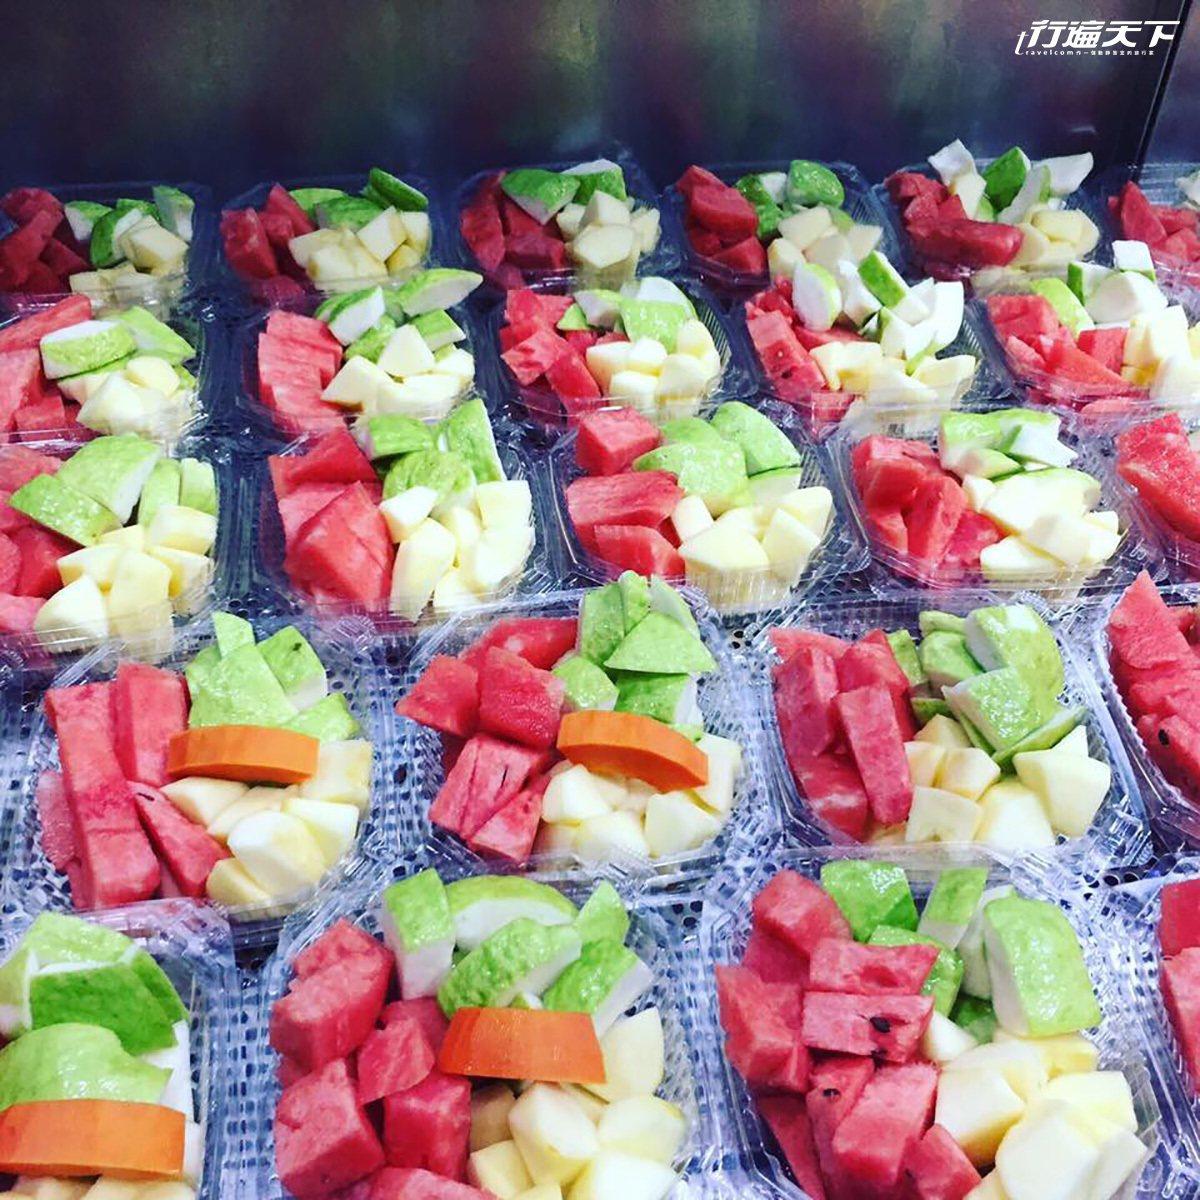 許多公司行號會特別預定新鮮現切的水果餐盒。(圖片提供│元氣果汁)